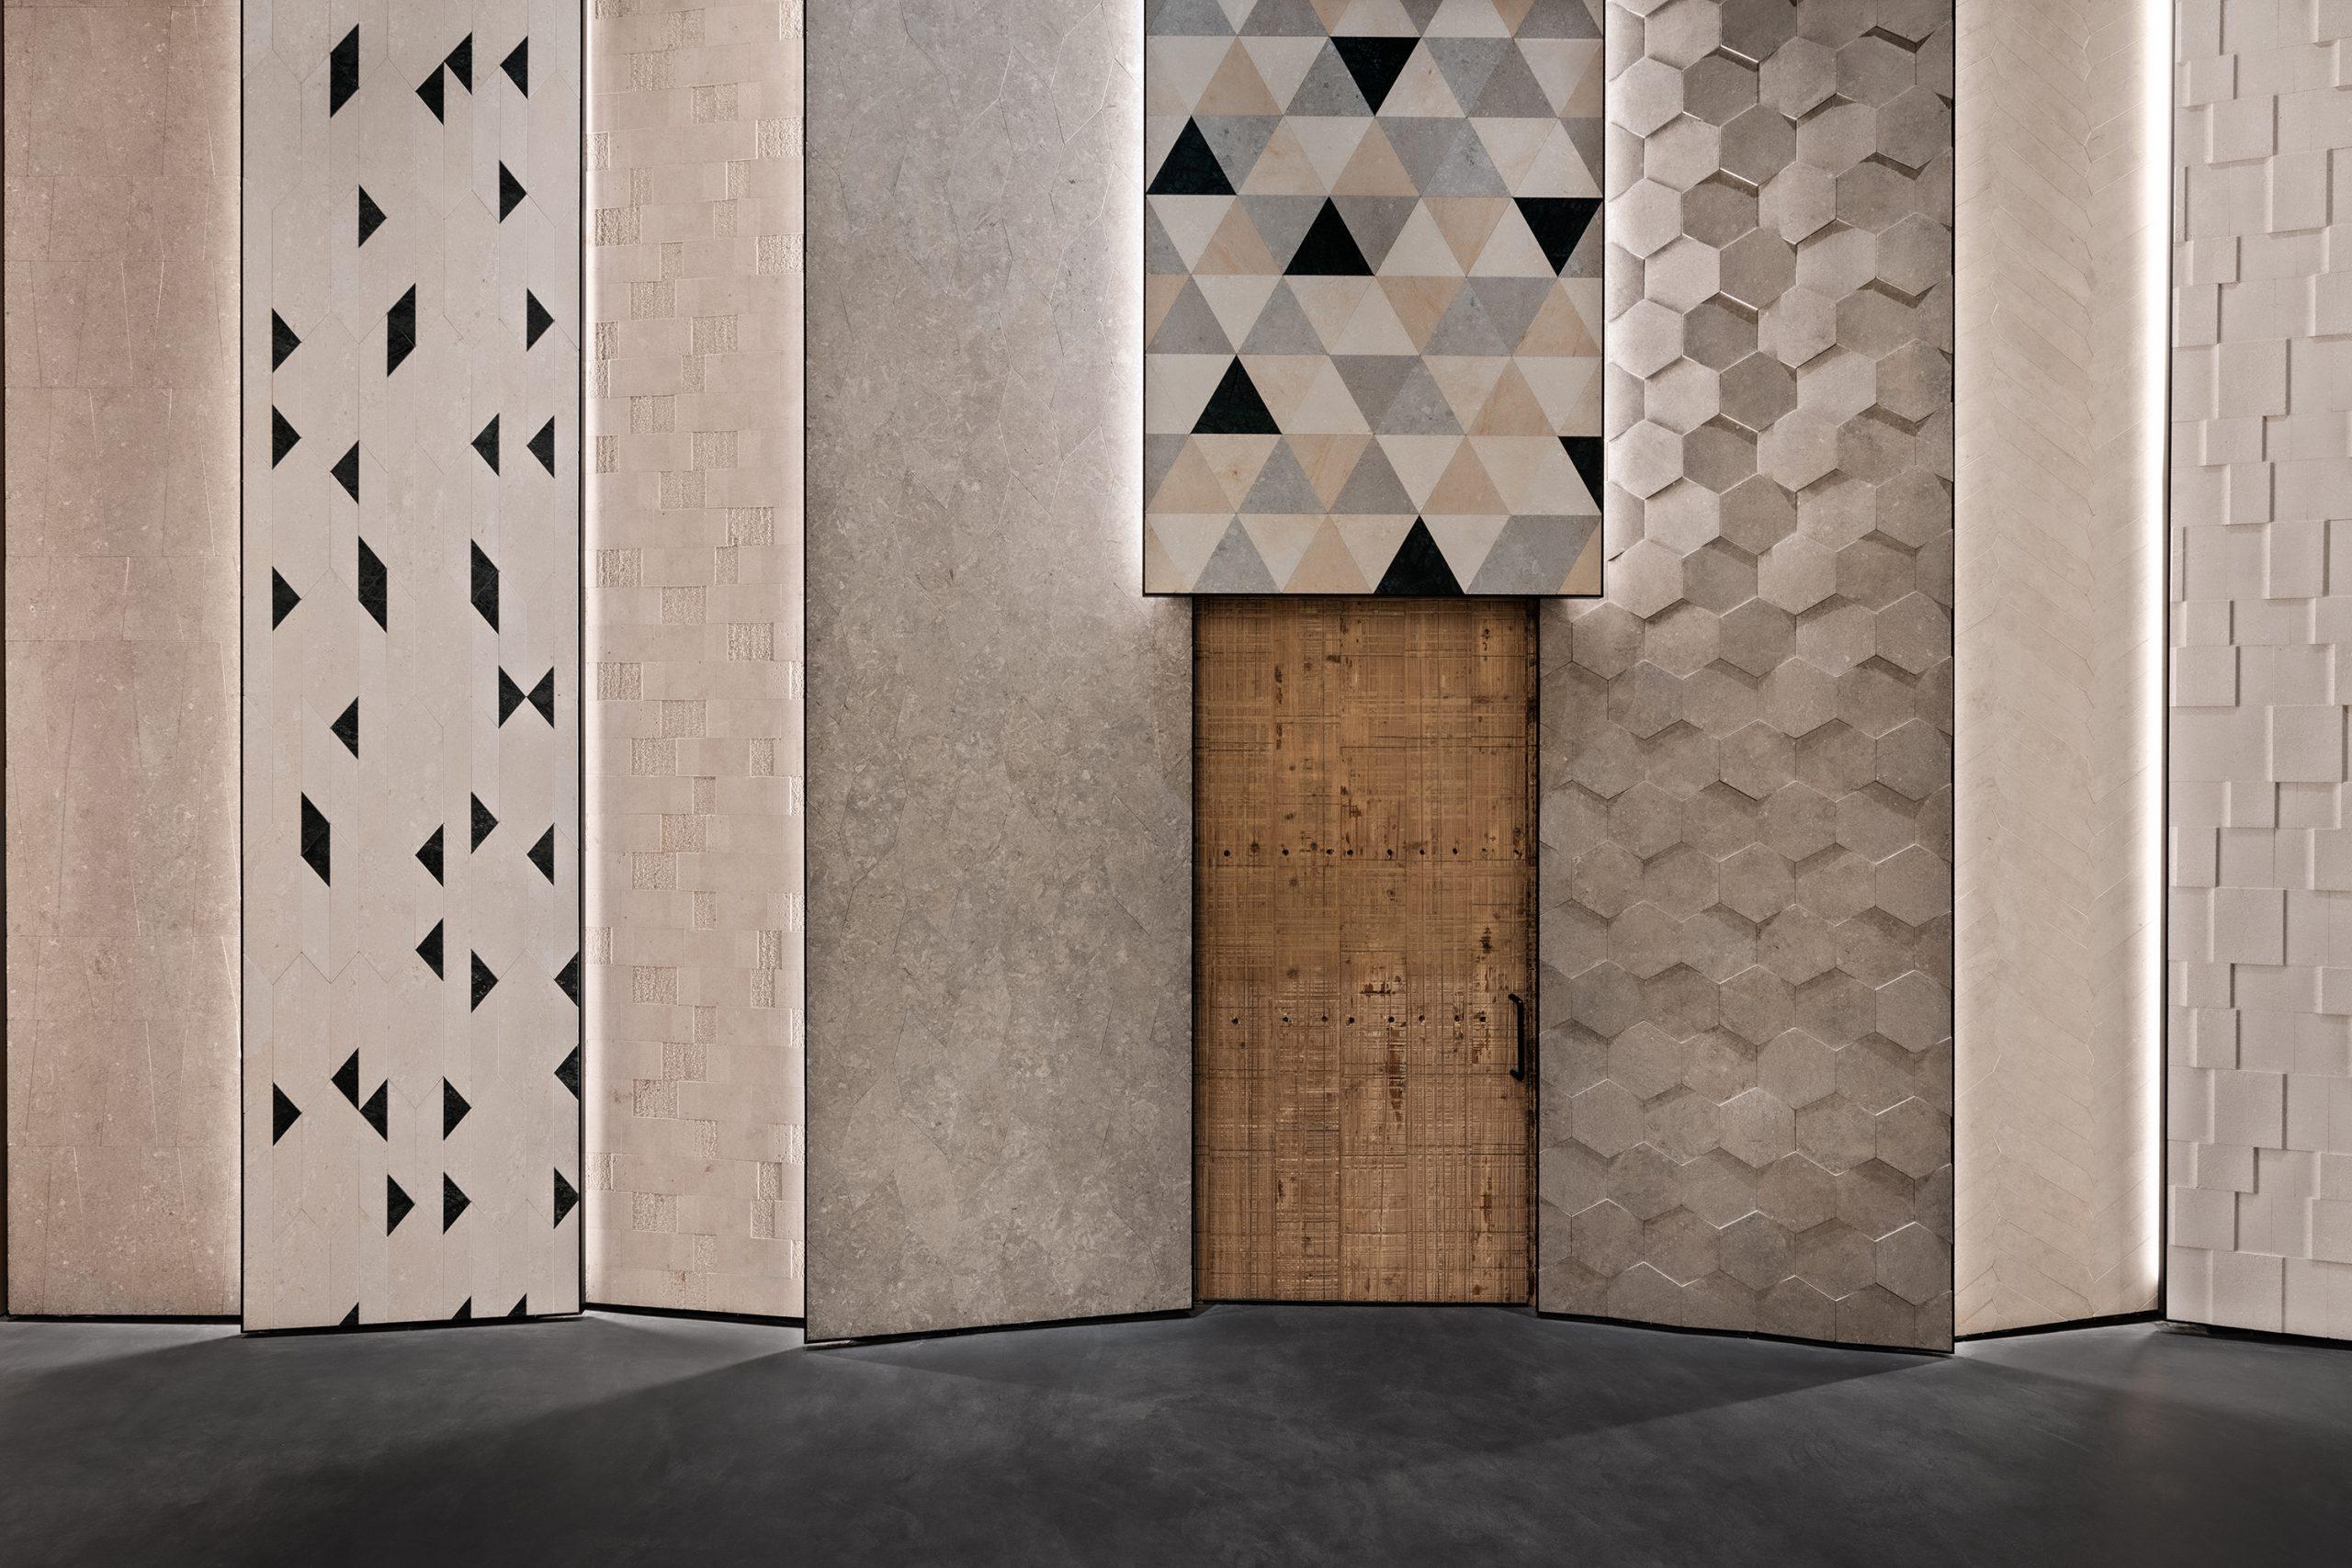 Tile wall in the Showroom Interior Design by Debiasi Sandri for Grassi Pietre